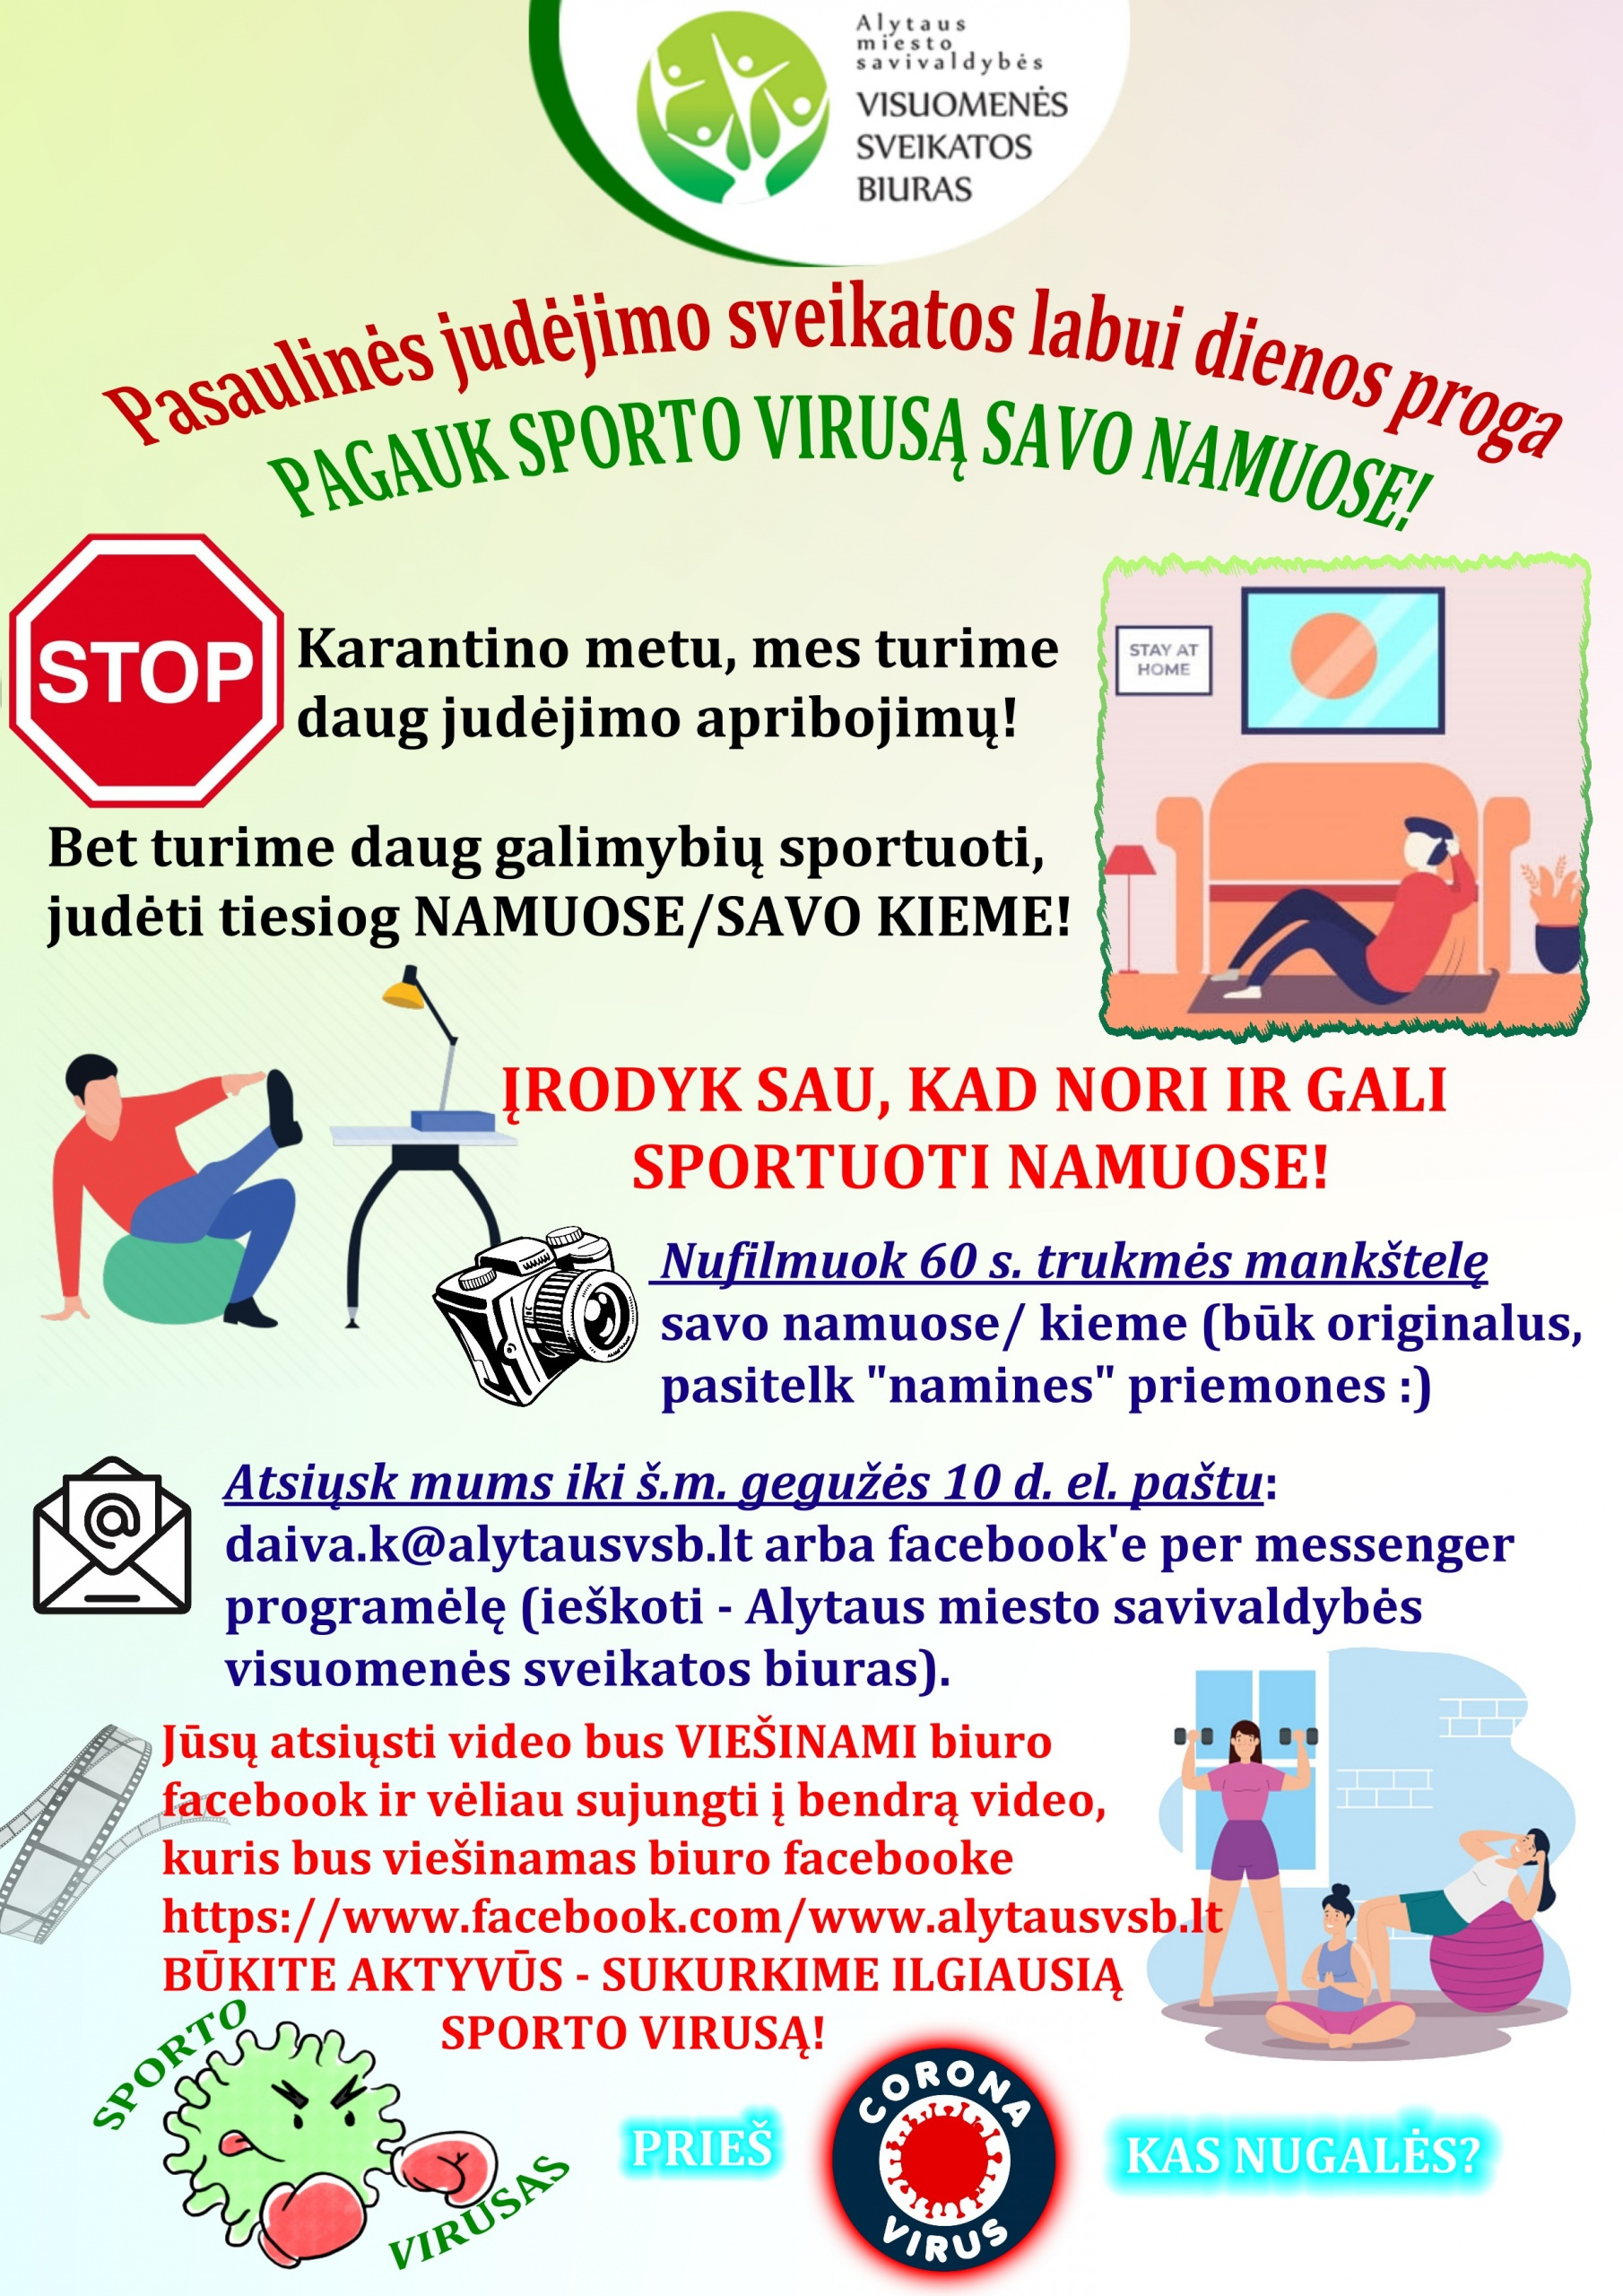 """Alytaus miesto savivaldybės visuomenės sveikatos biuras skleidžia """"Sporto virusą"""" 1"""